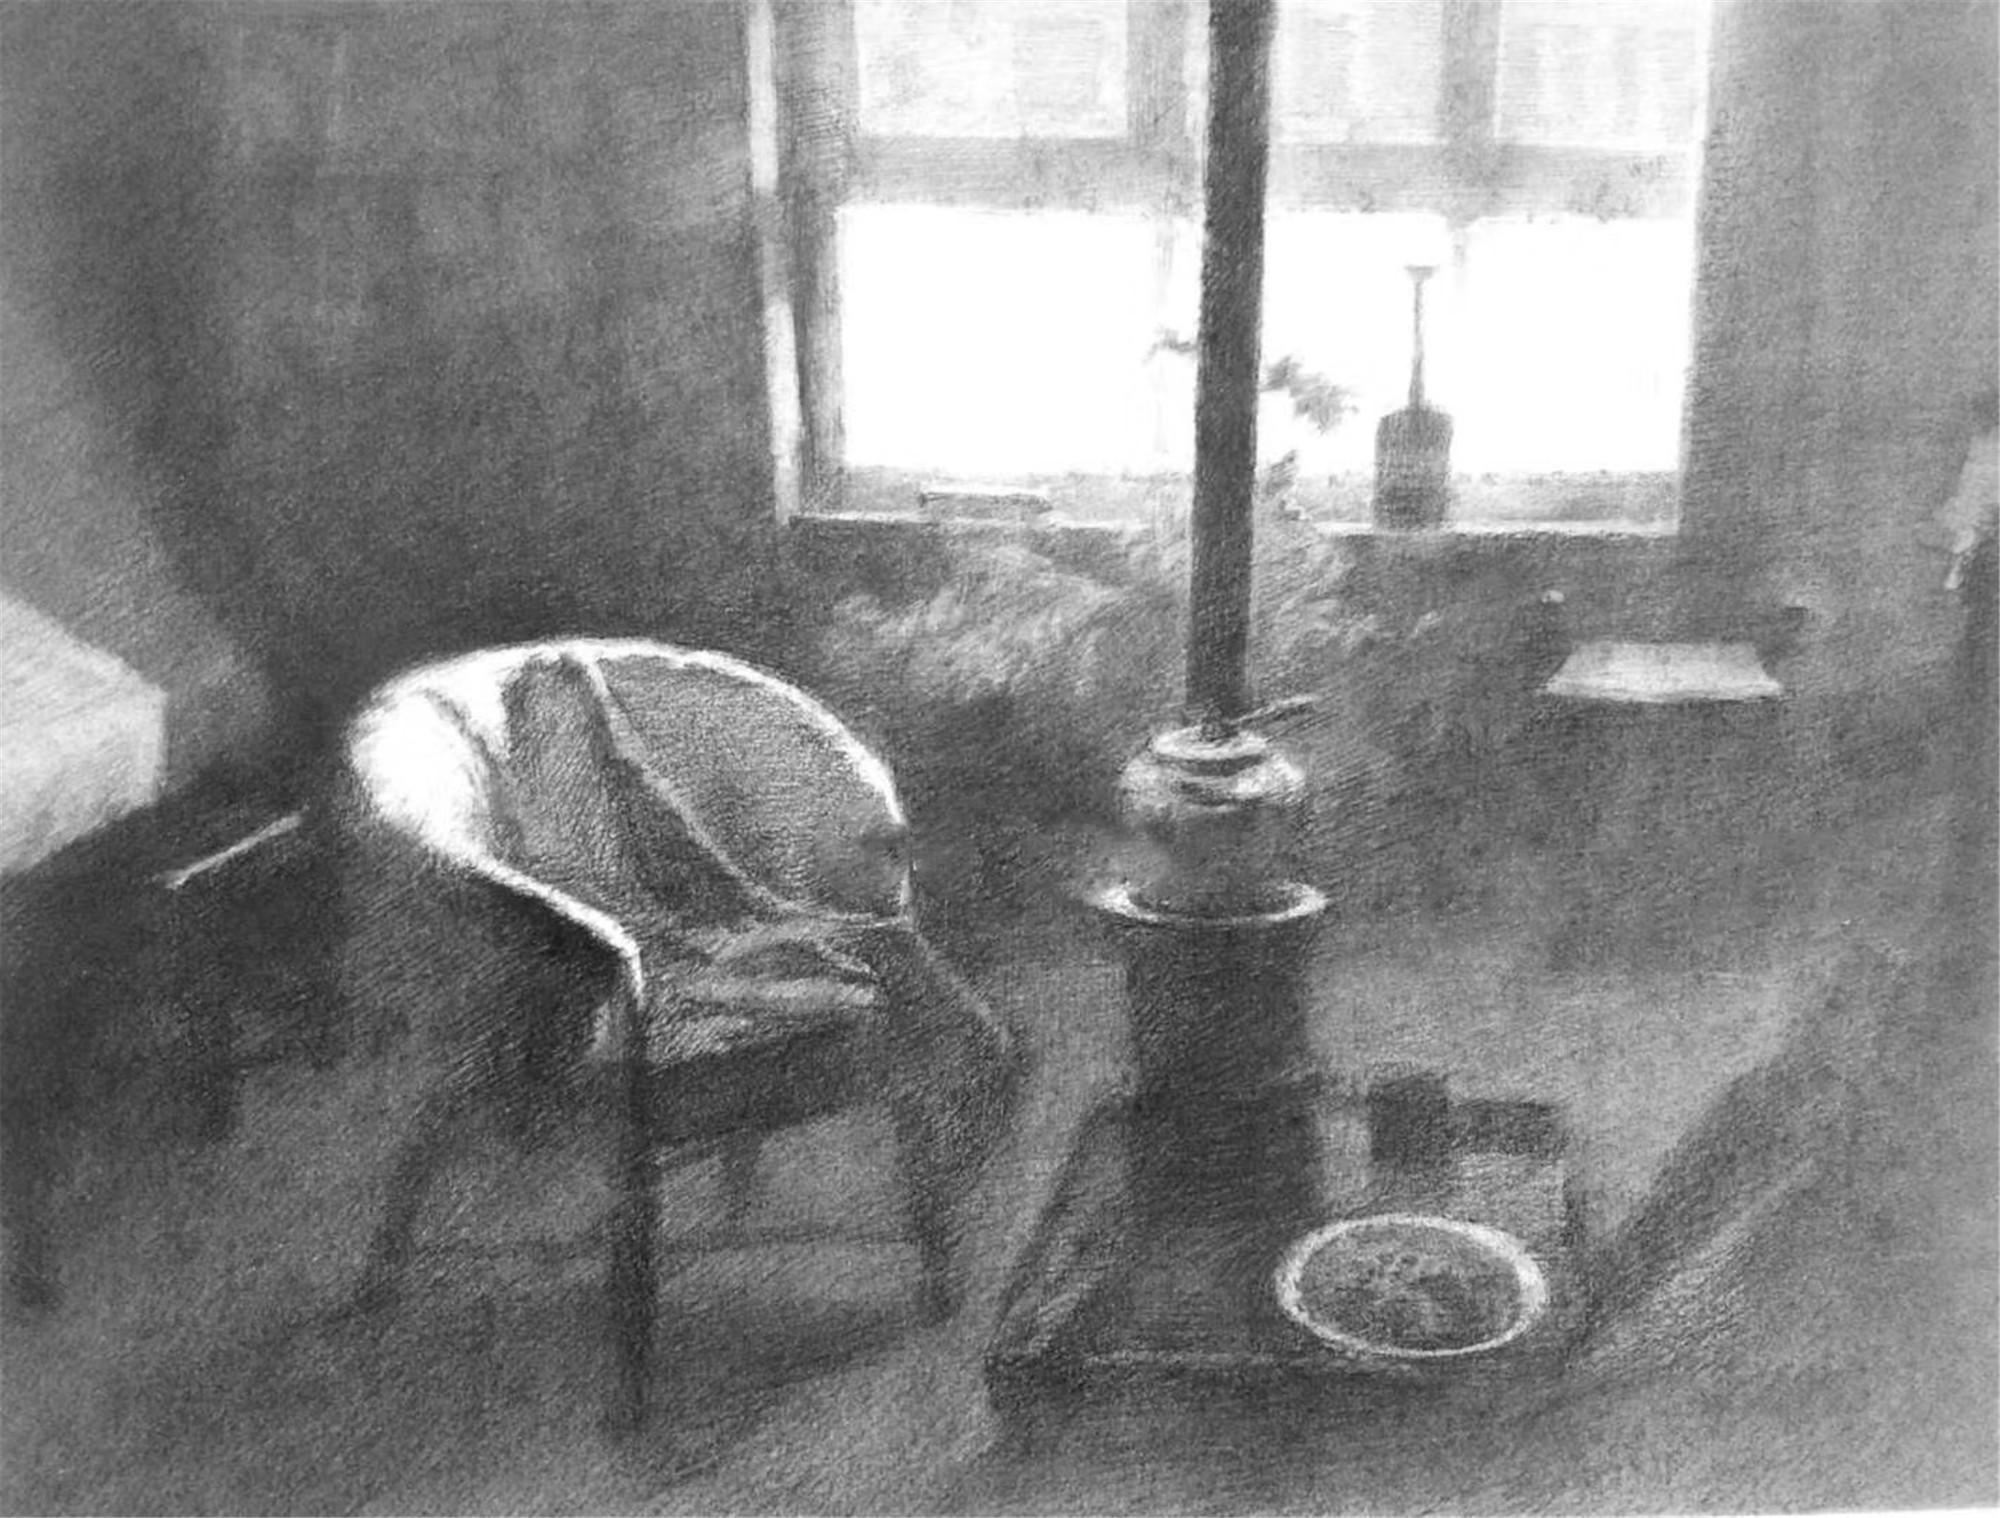 第1章:普及课  第6节:静物固有色黑白灰关系  【选修作业】》》》点击进入